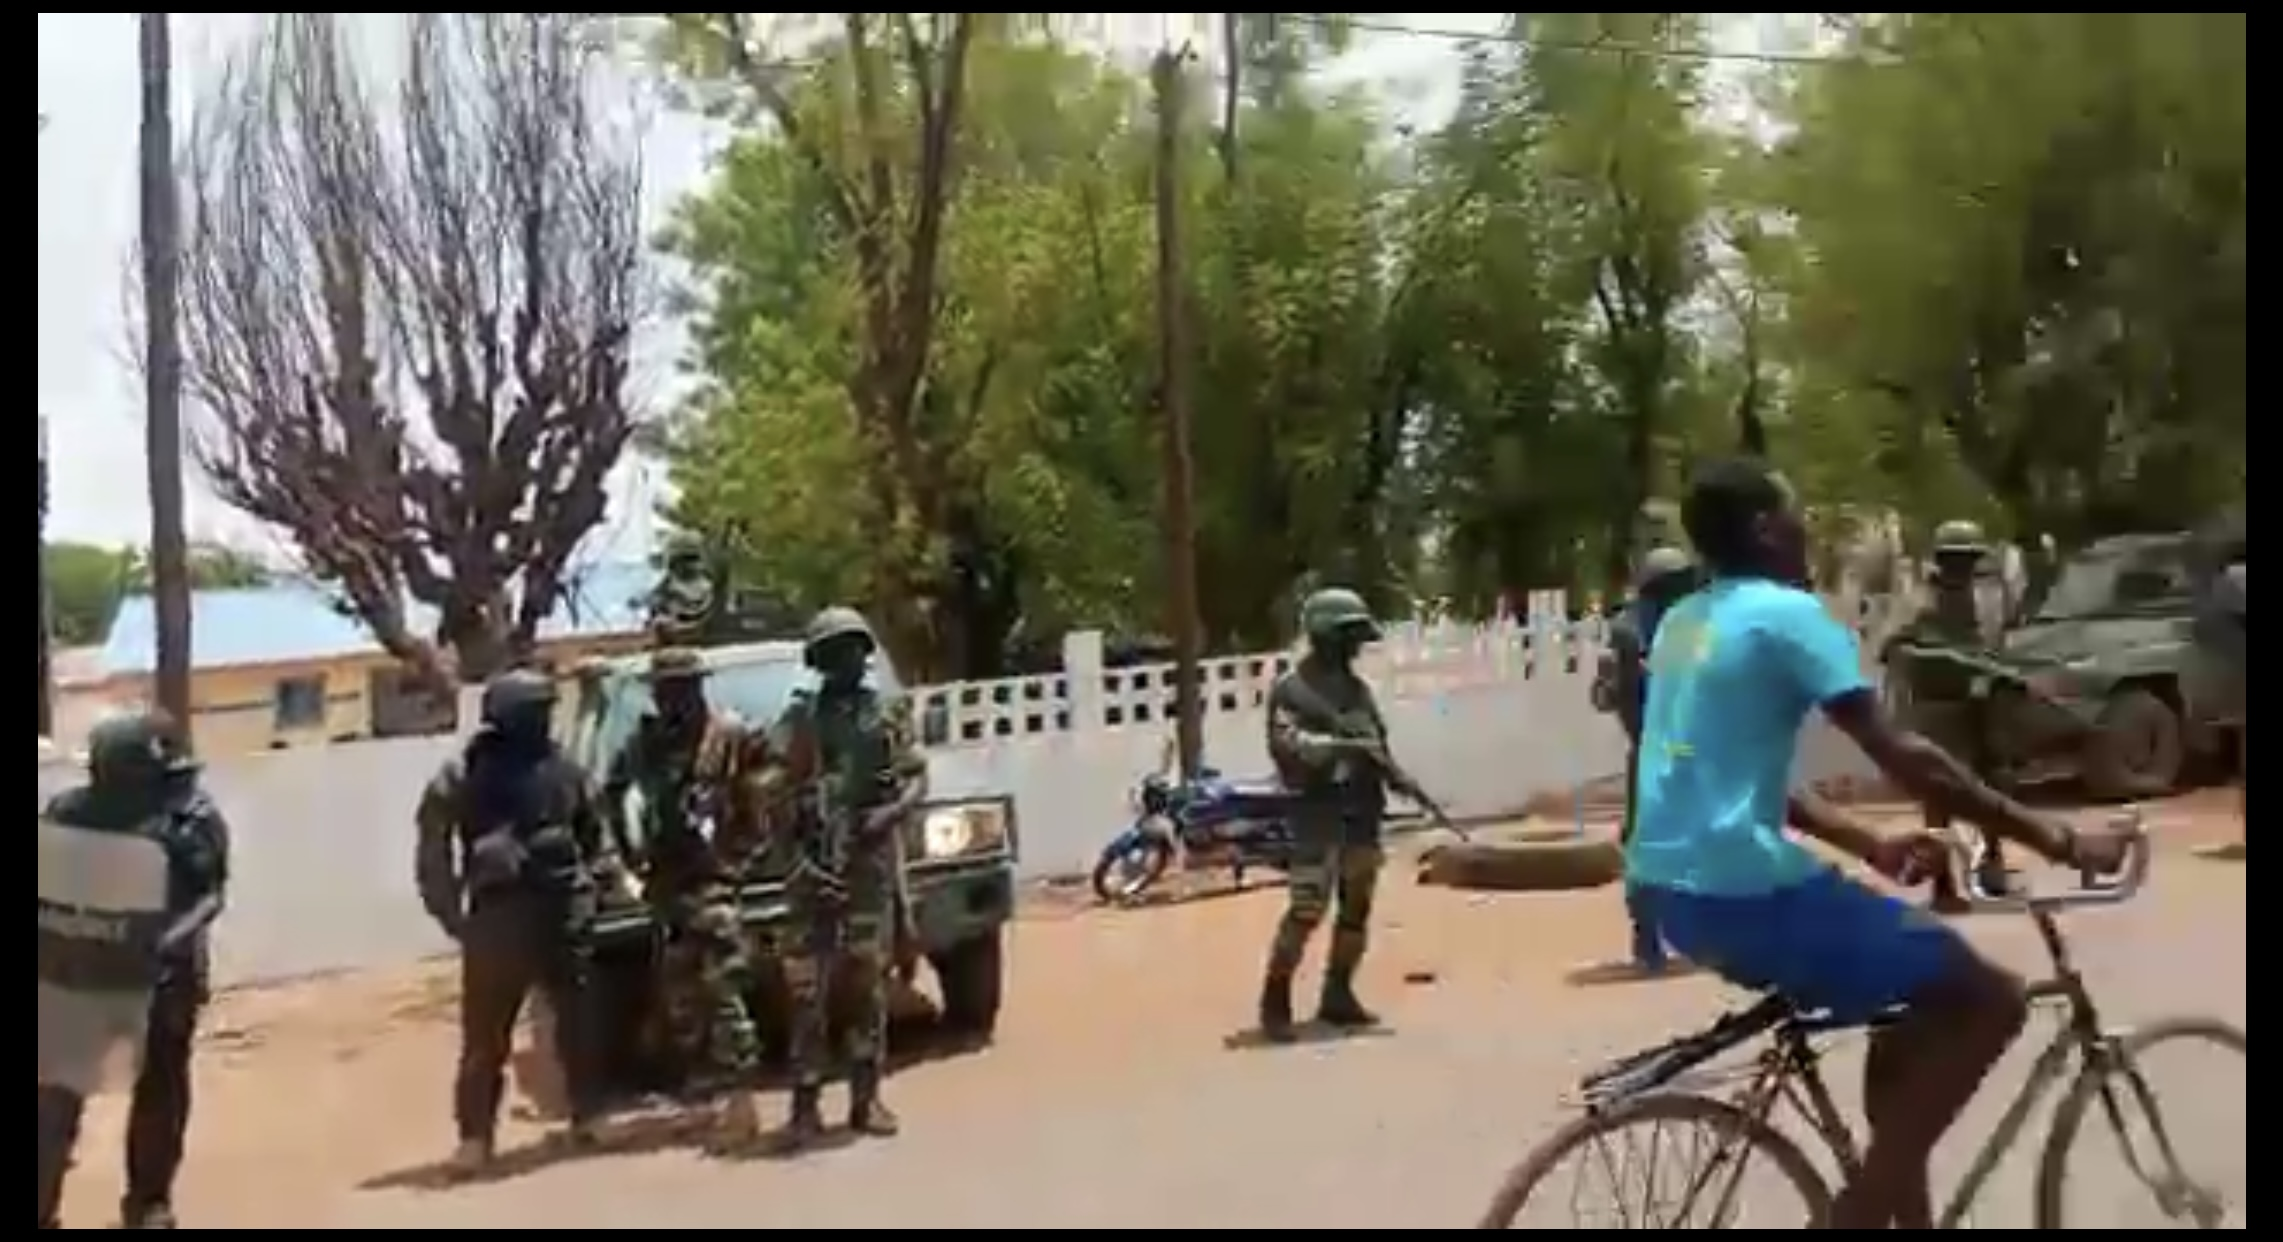 Goudiry : Une manifestation contre le vol récurrent de bétail vire à une altercation entre éleveurs et forces de l'ordre.